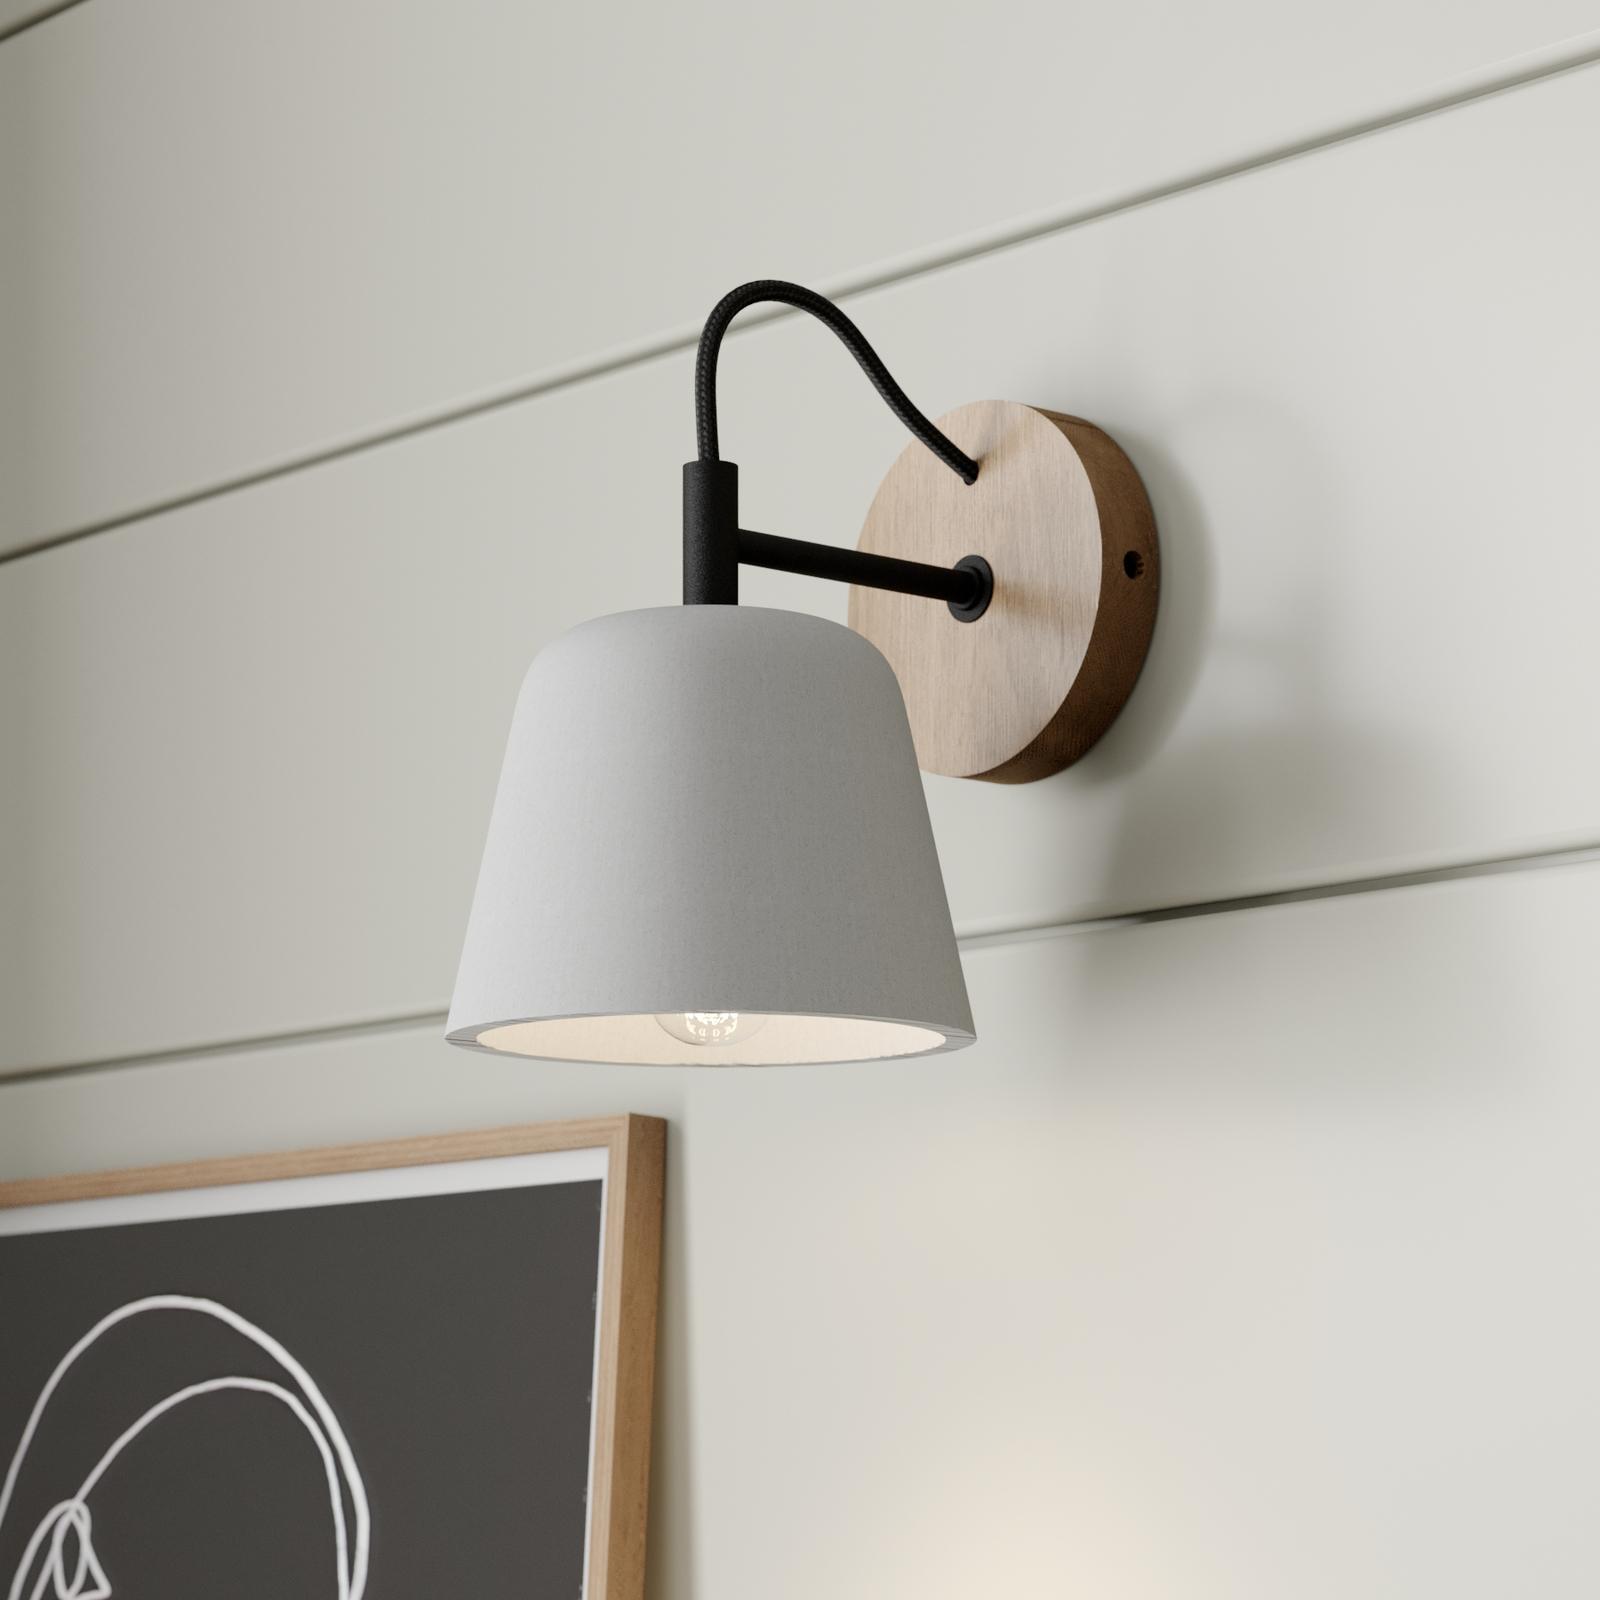 Lucande Kalinda væglampe med betonskærm og træ